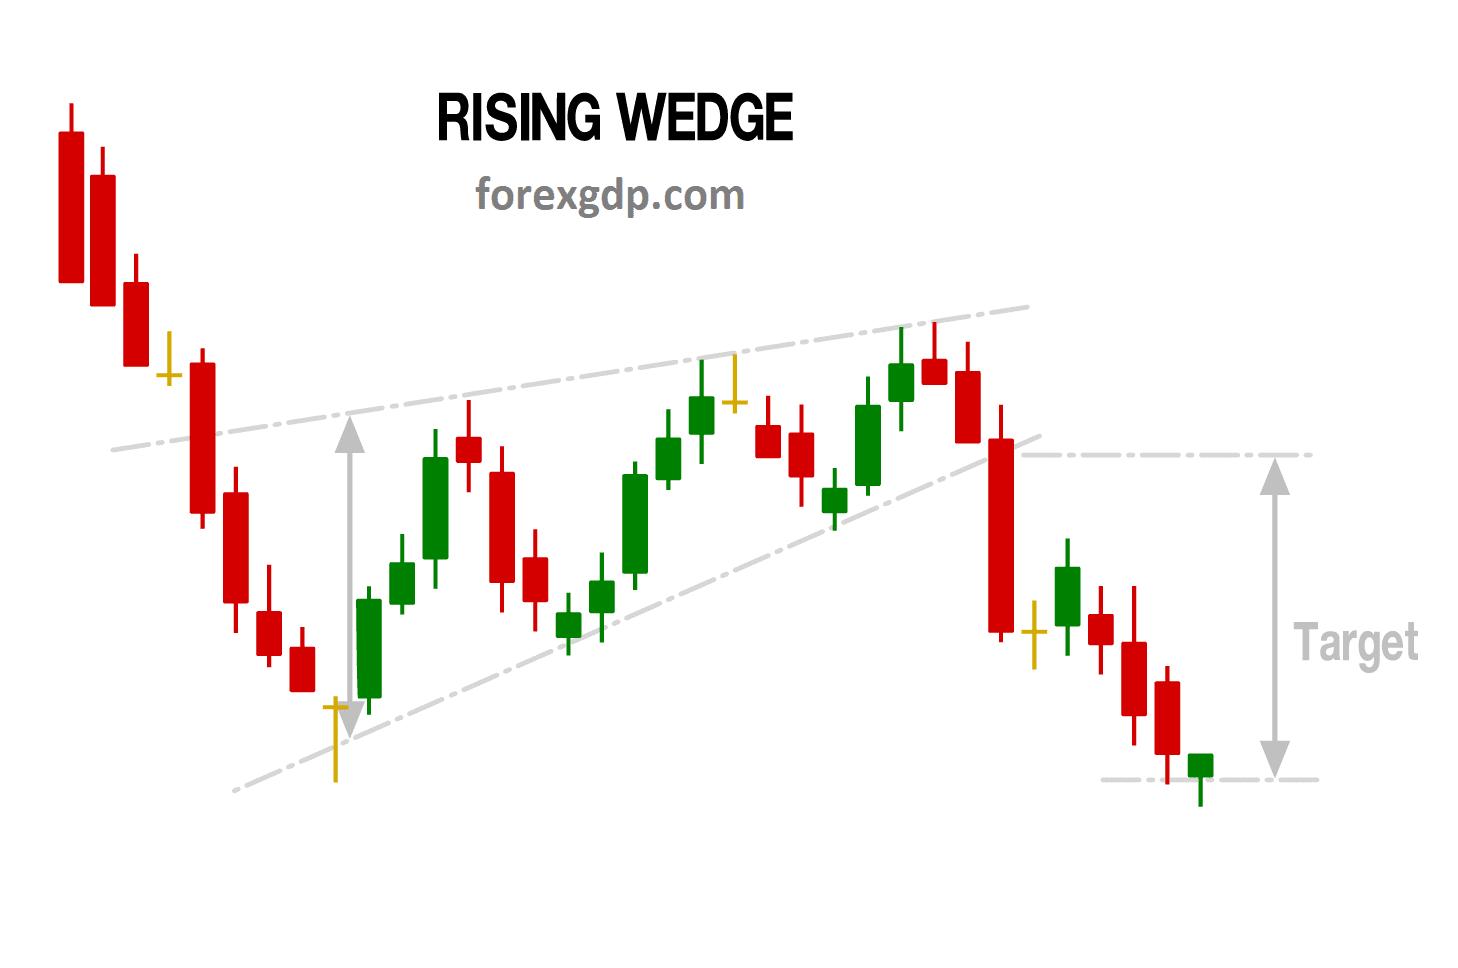 Rising wedge pattern take profit target